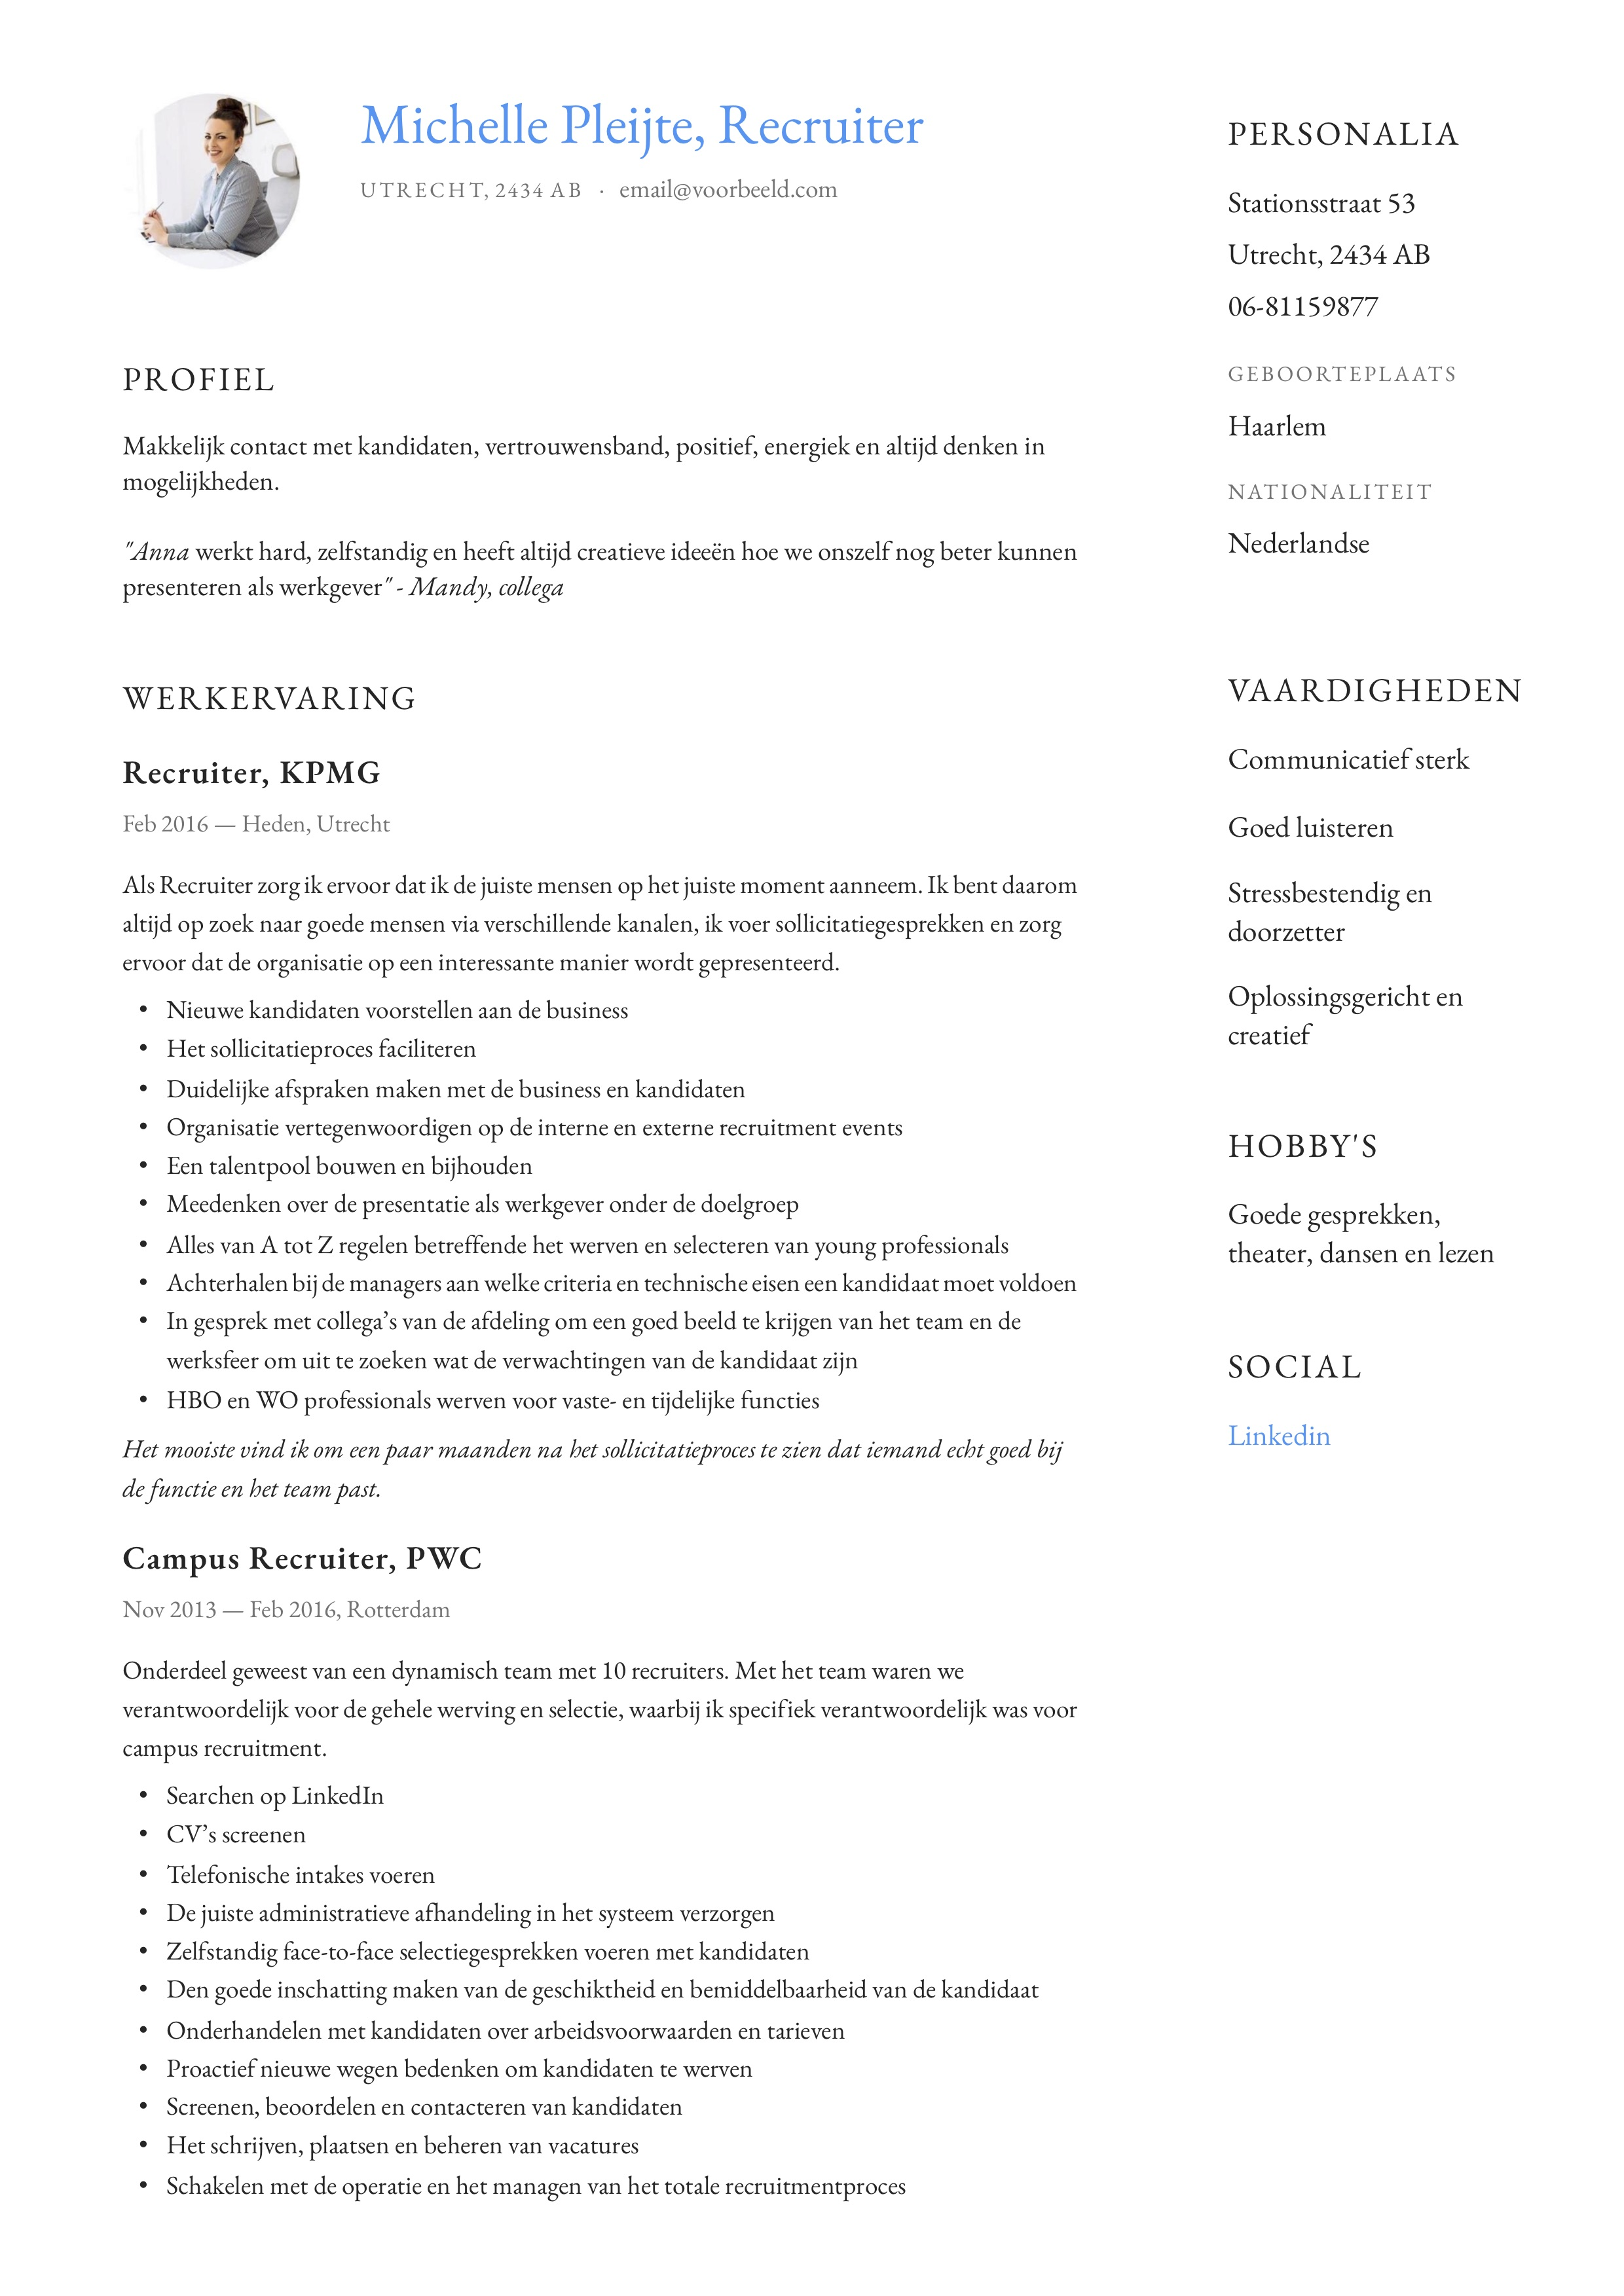 CV Voorbeeld Recruiter